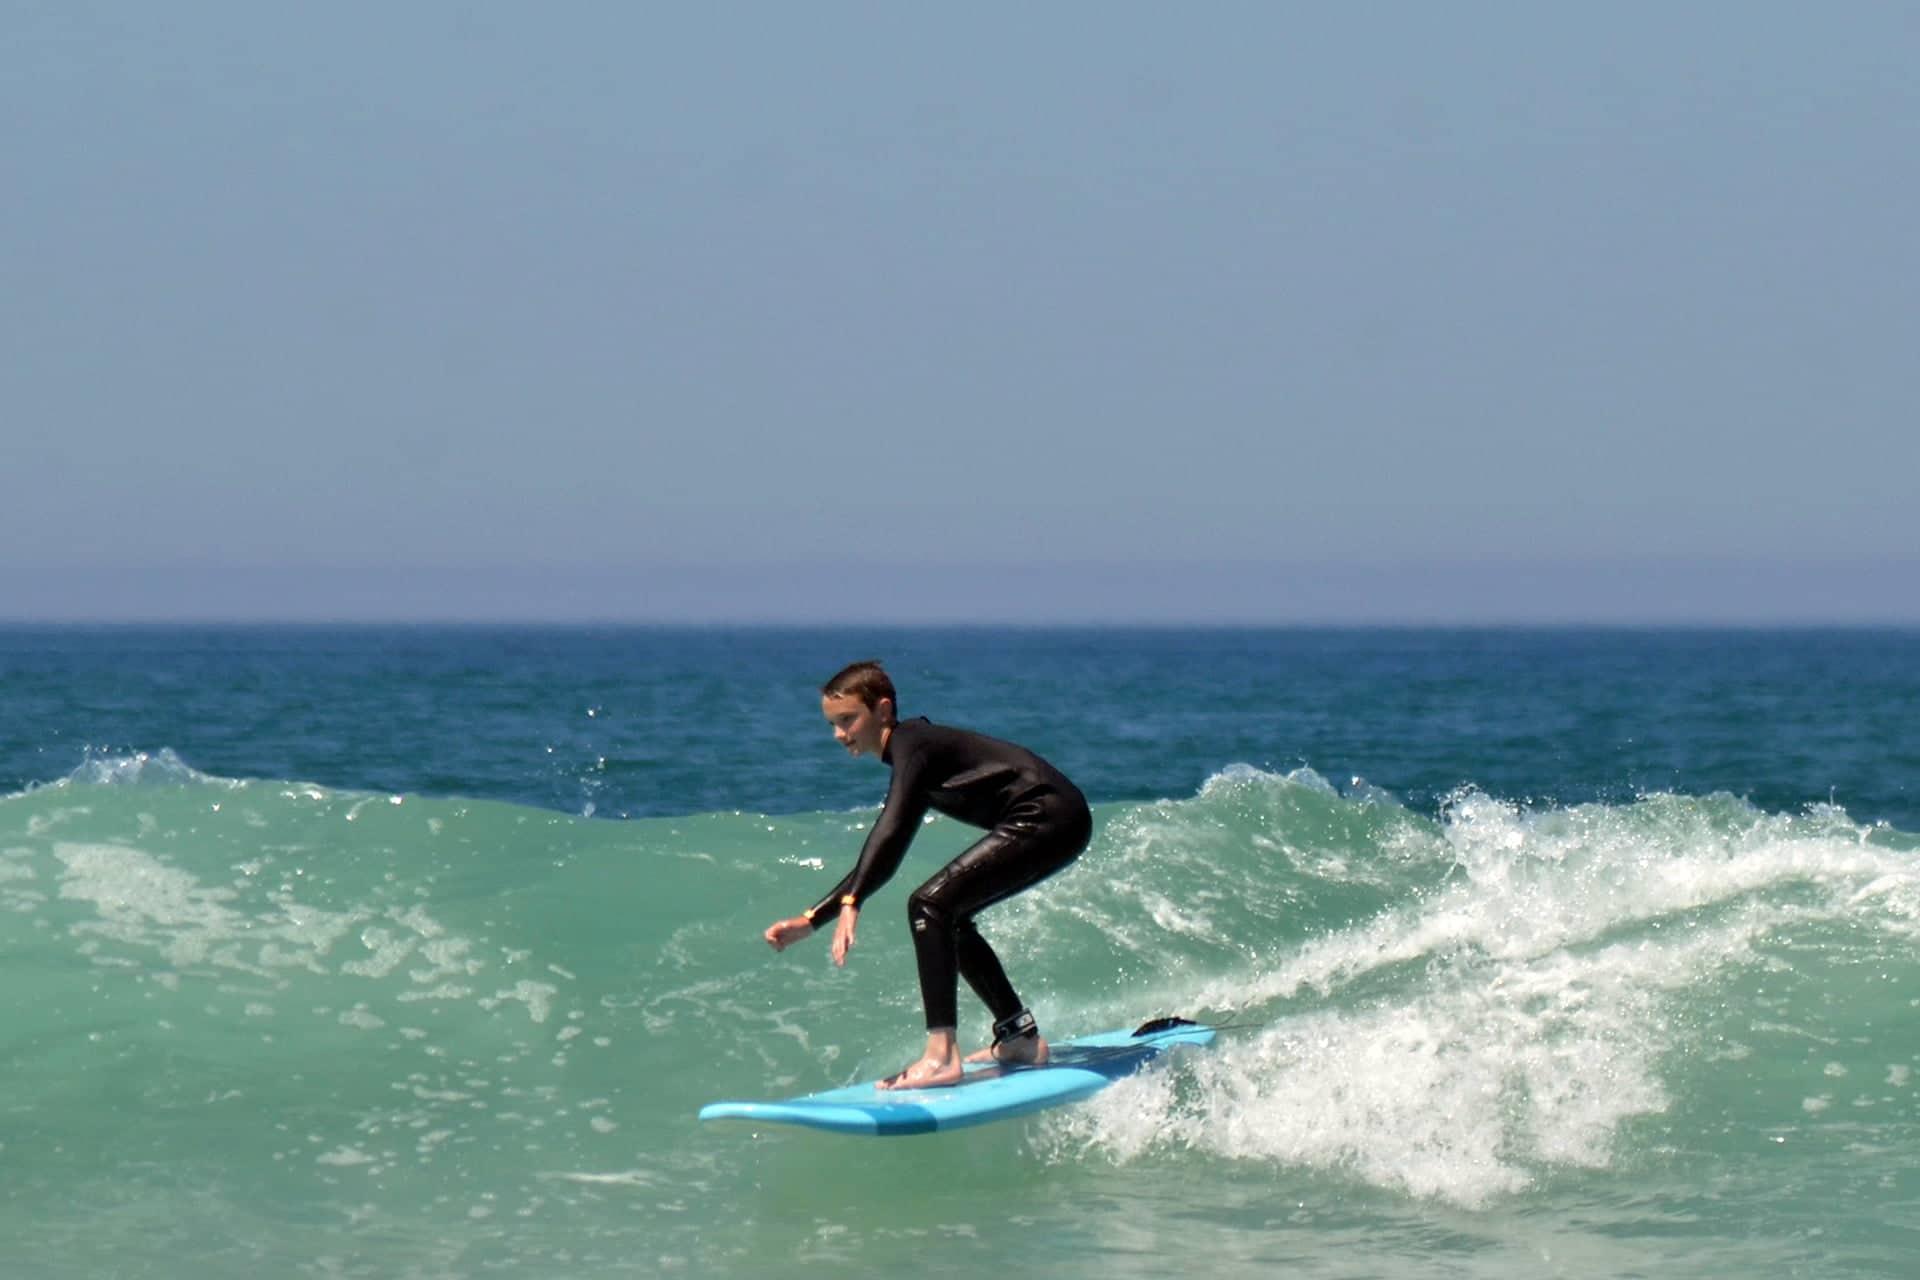 Jeune surfeur prenant une direction sur la vague lors d'un stage de surf avec Magic Surf School à Lacanau